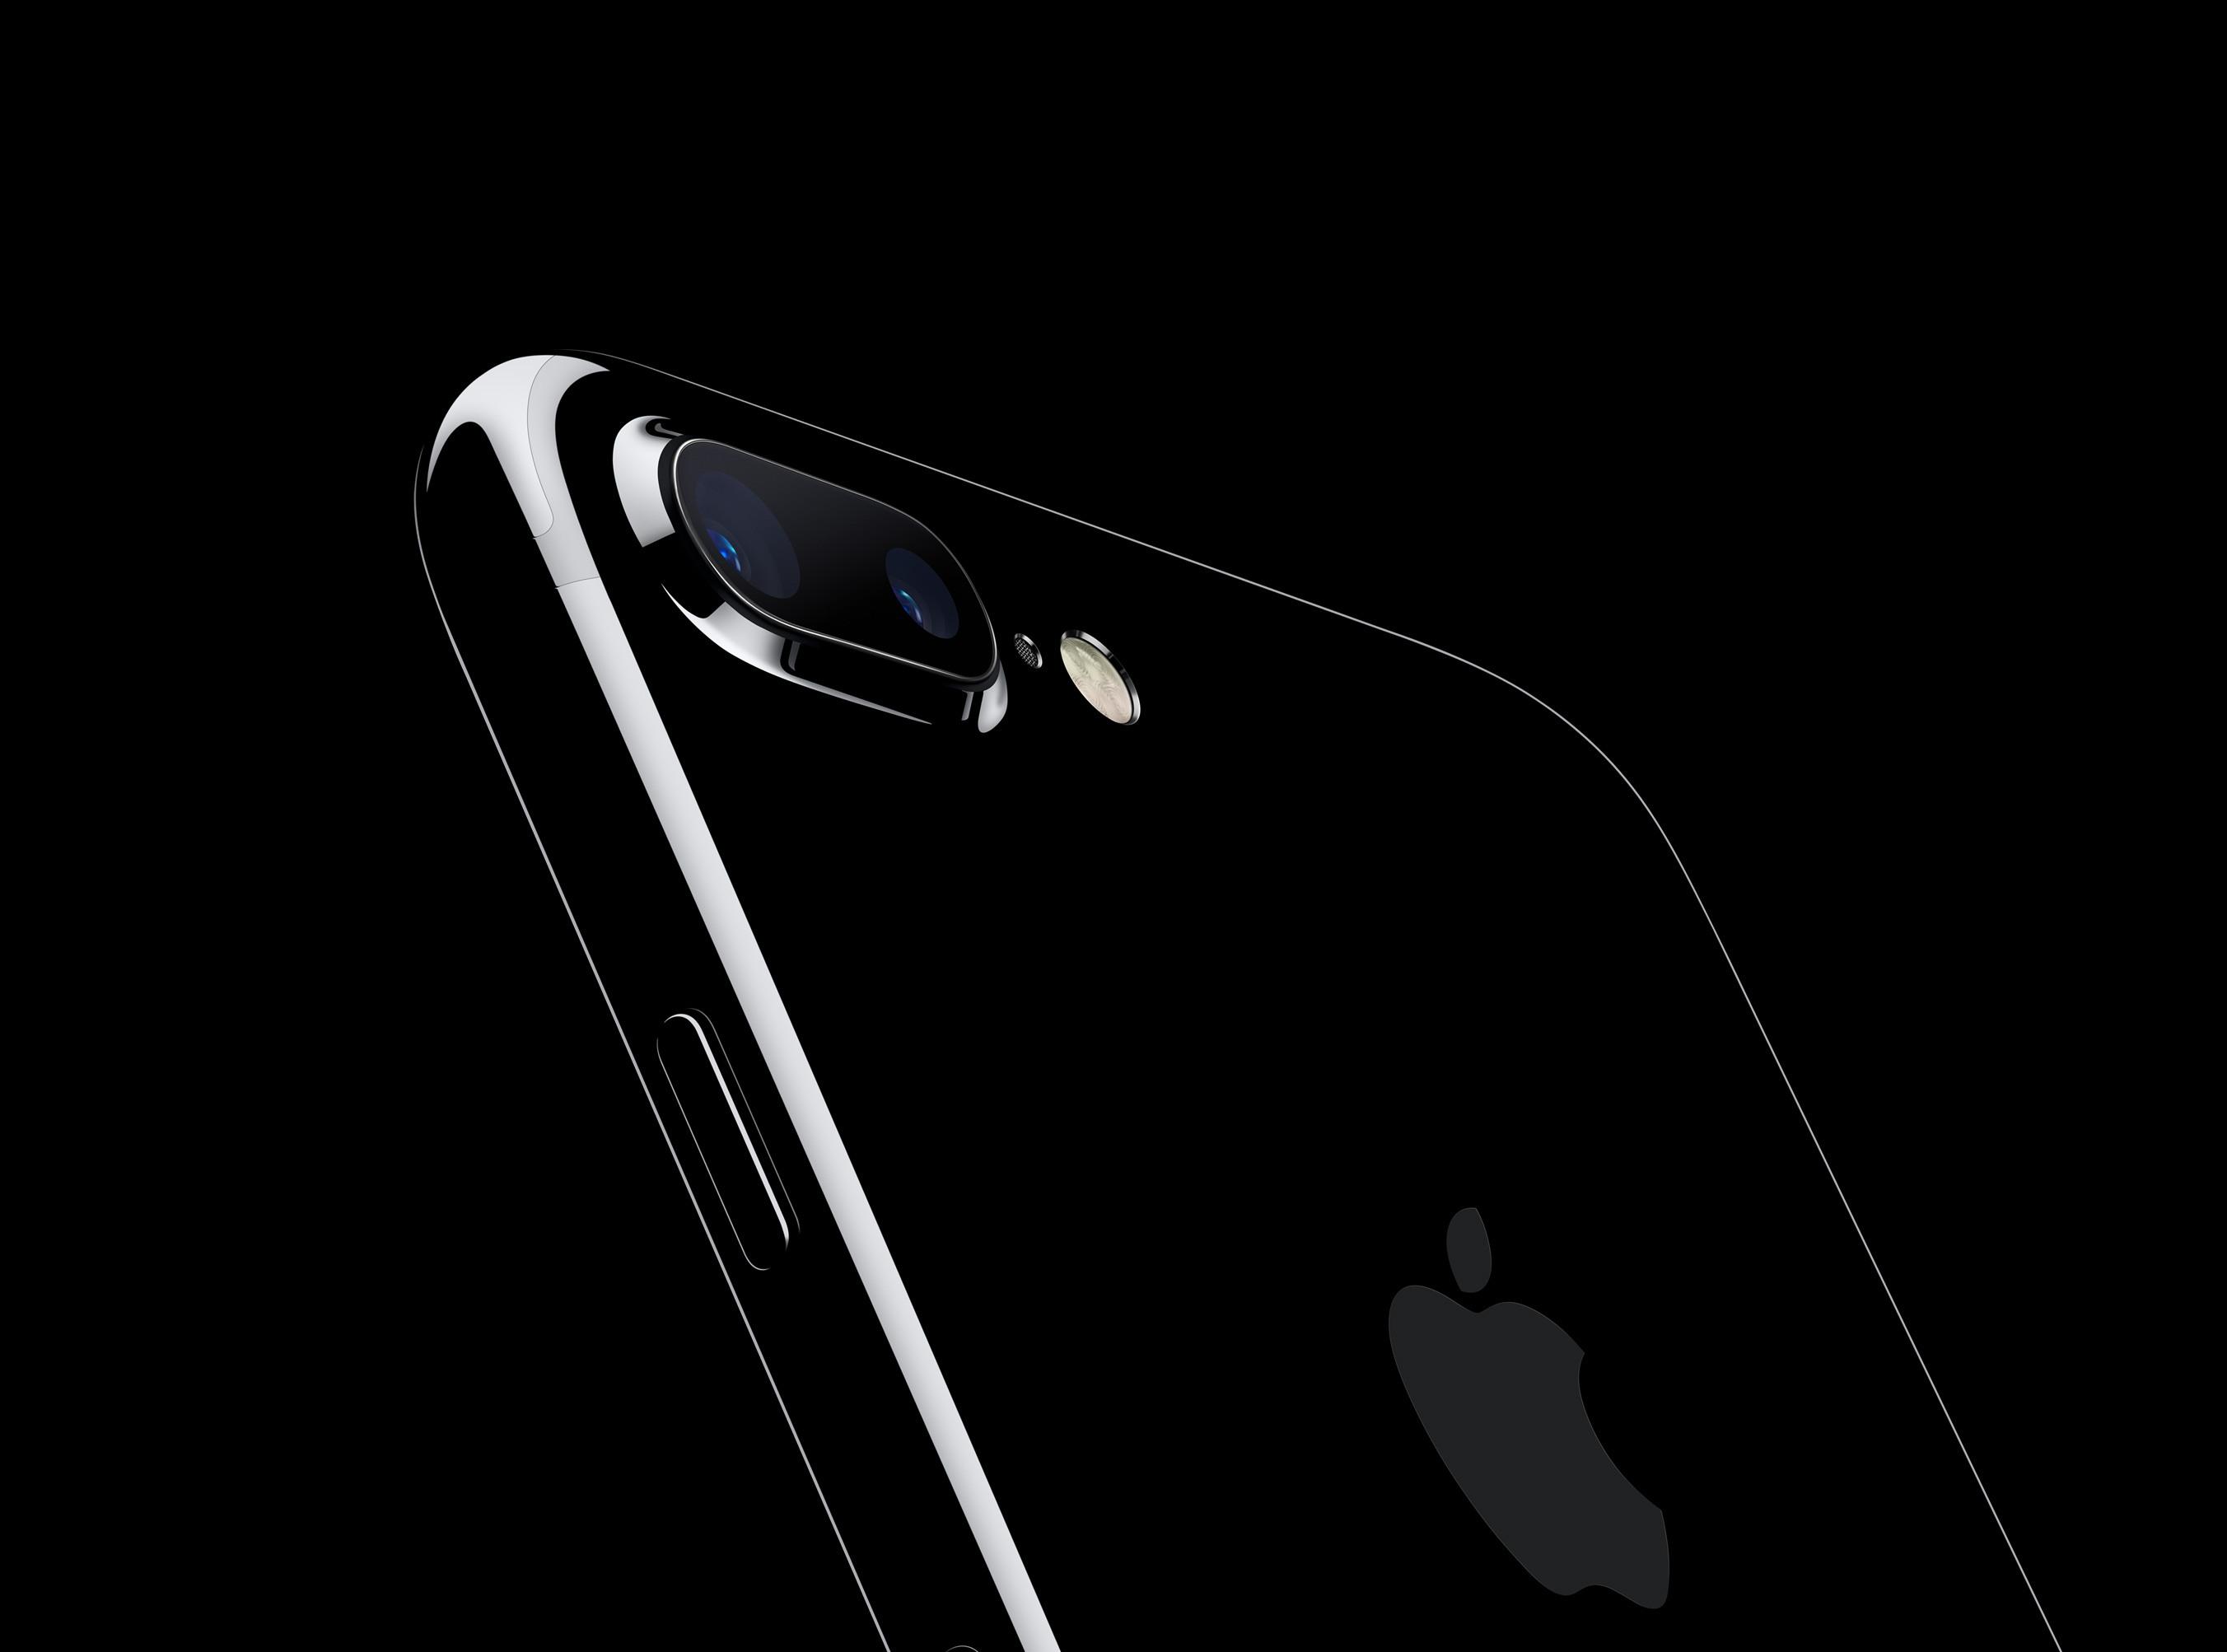 Come effettuare riavvii forzati o semplici riavvii con iPhone 7